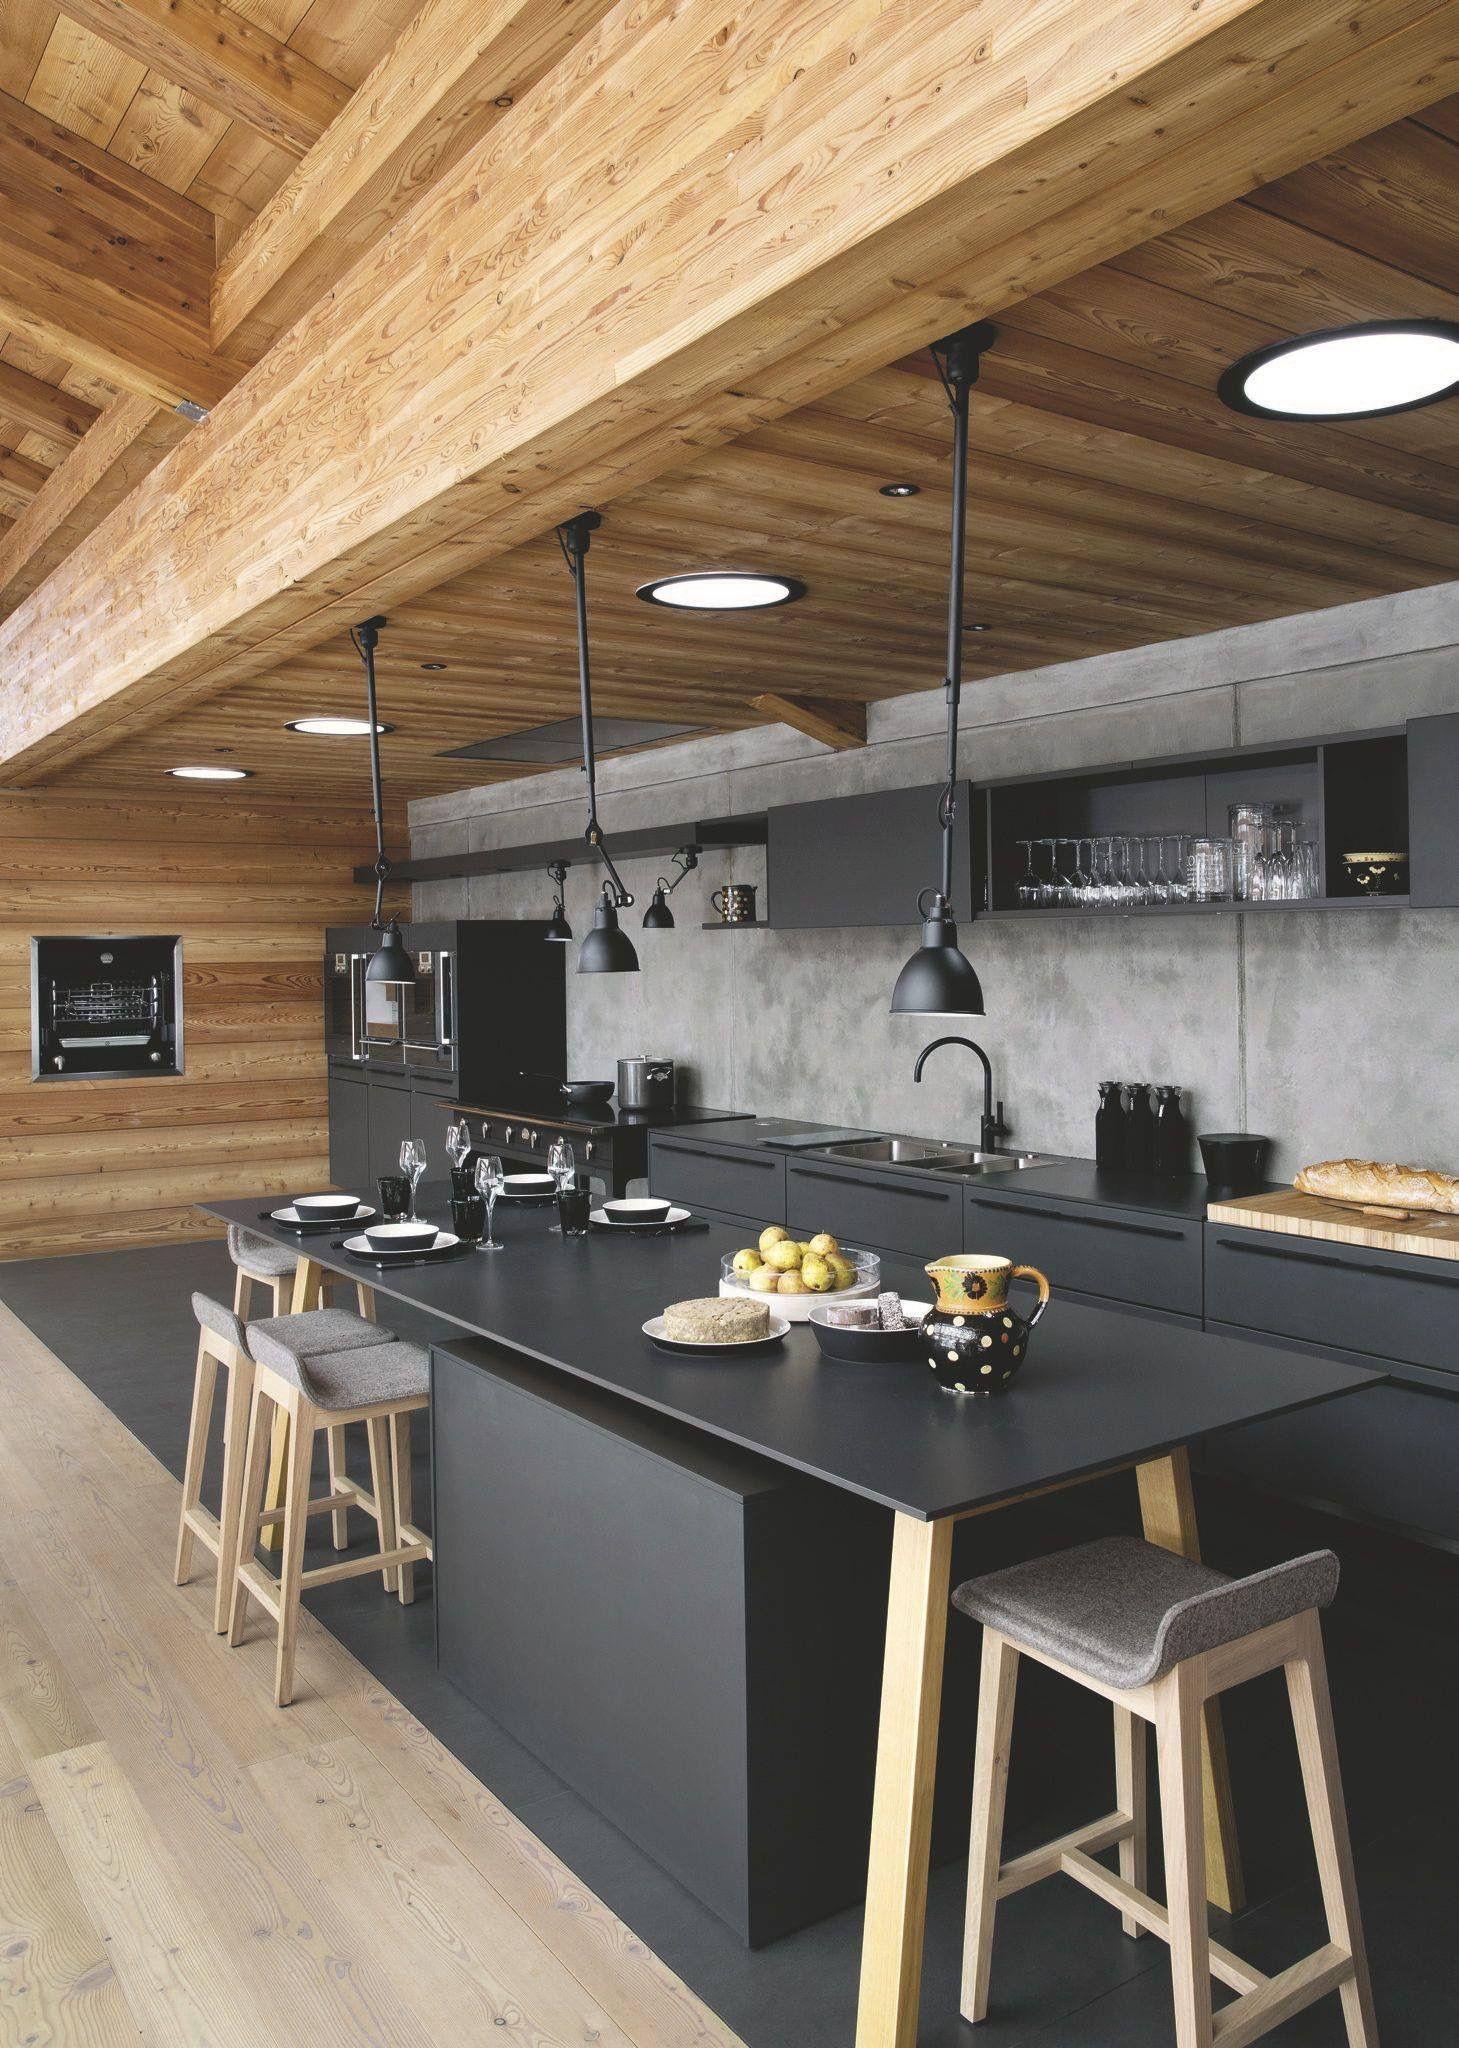 Preto, cimento, madeira  Cocina zen, Cocinas, Diseño de cocina